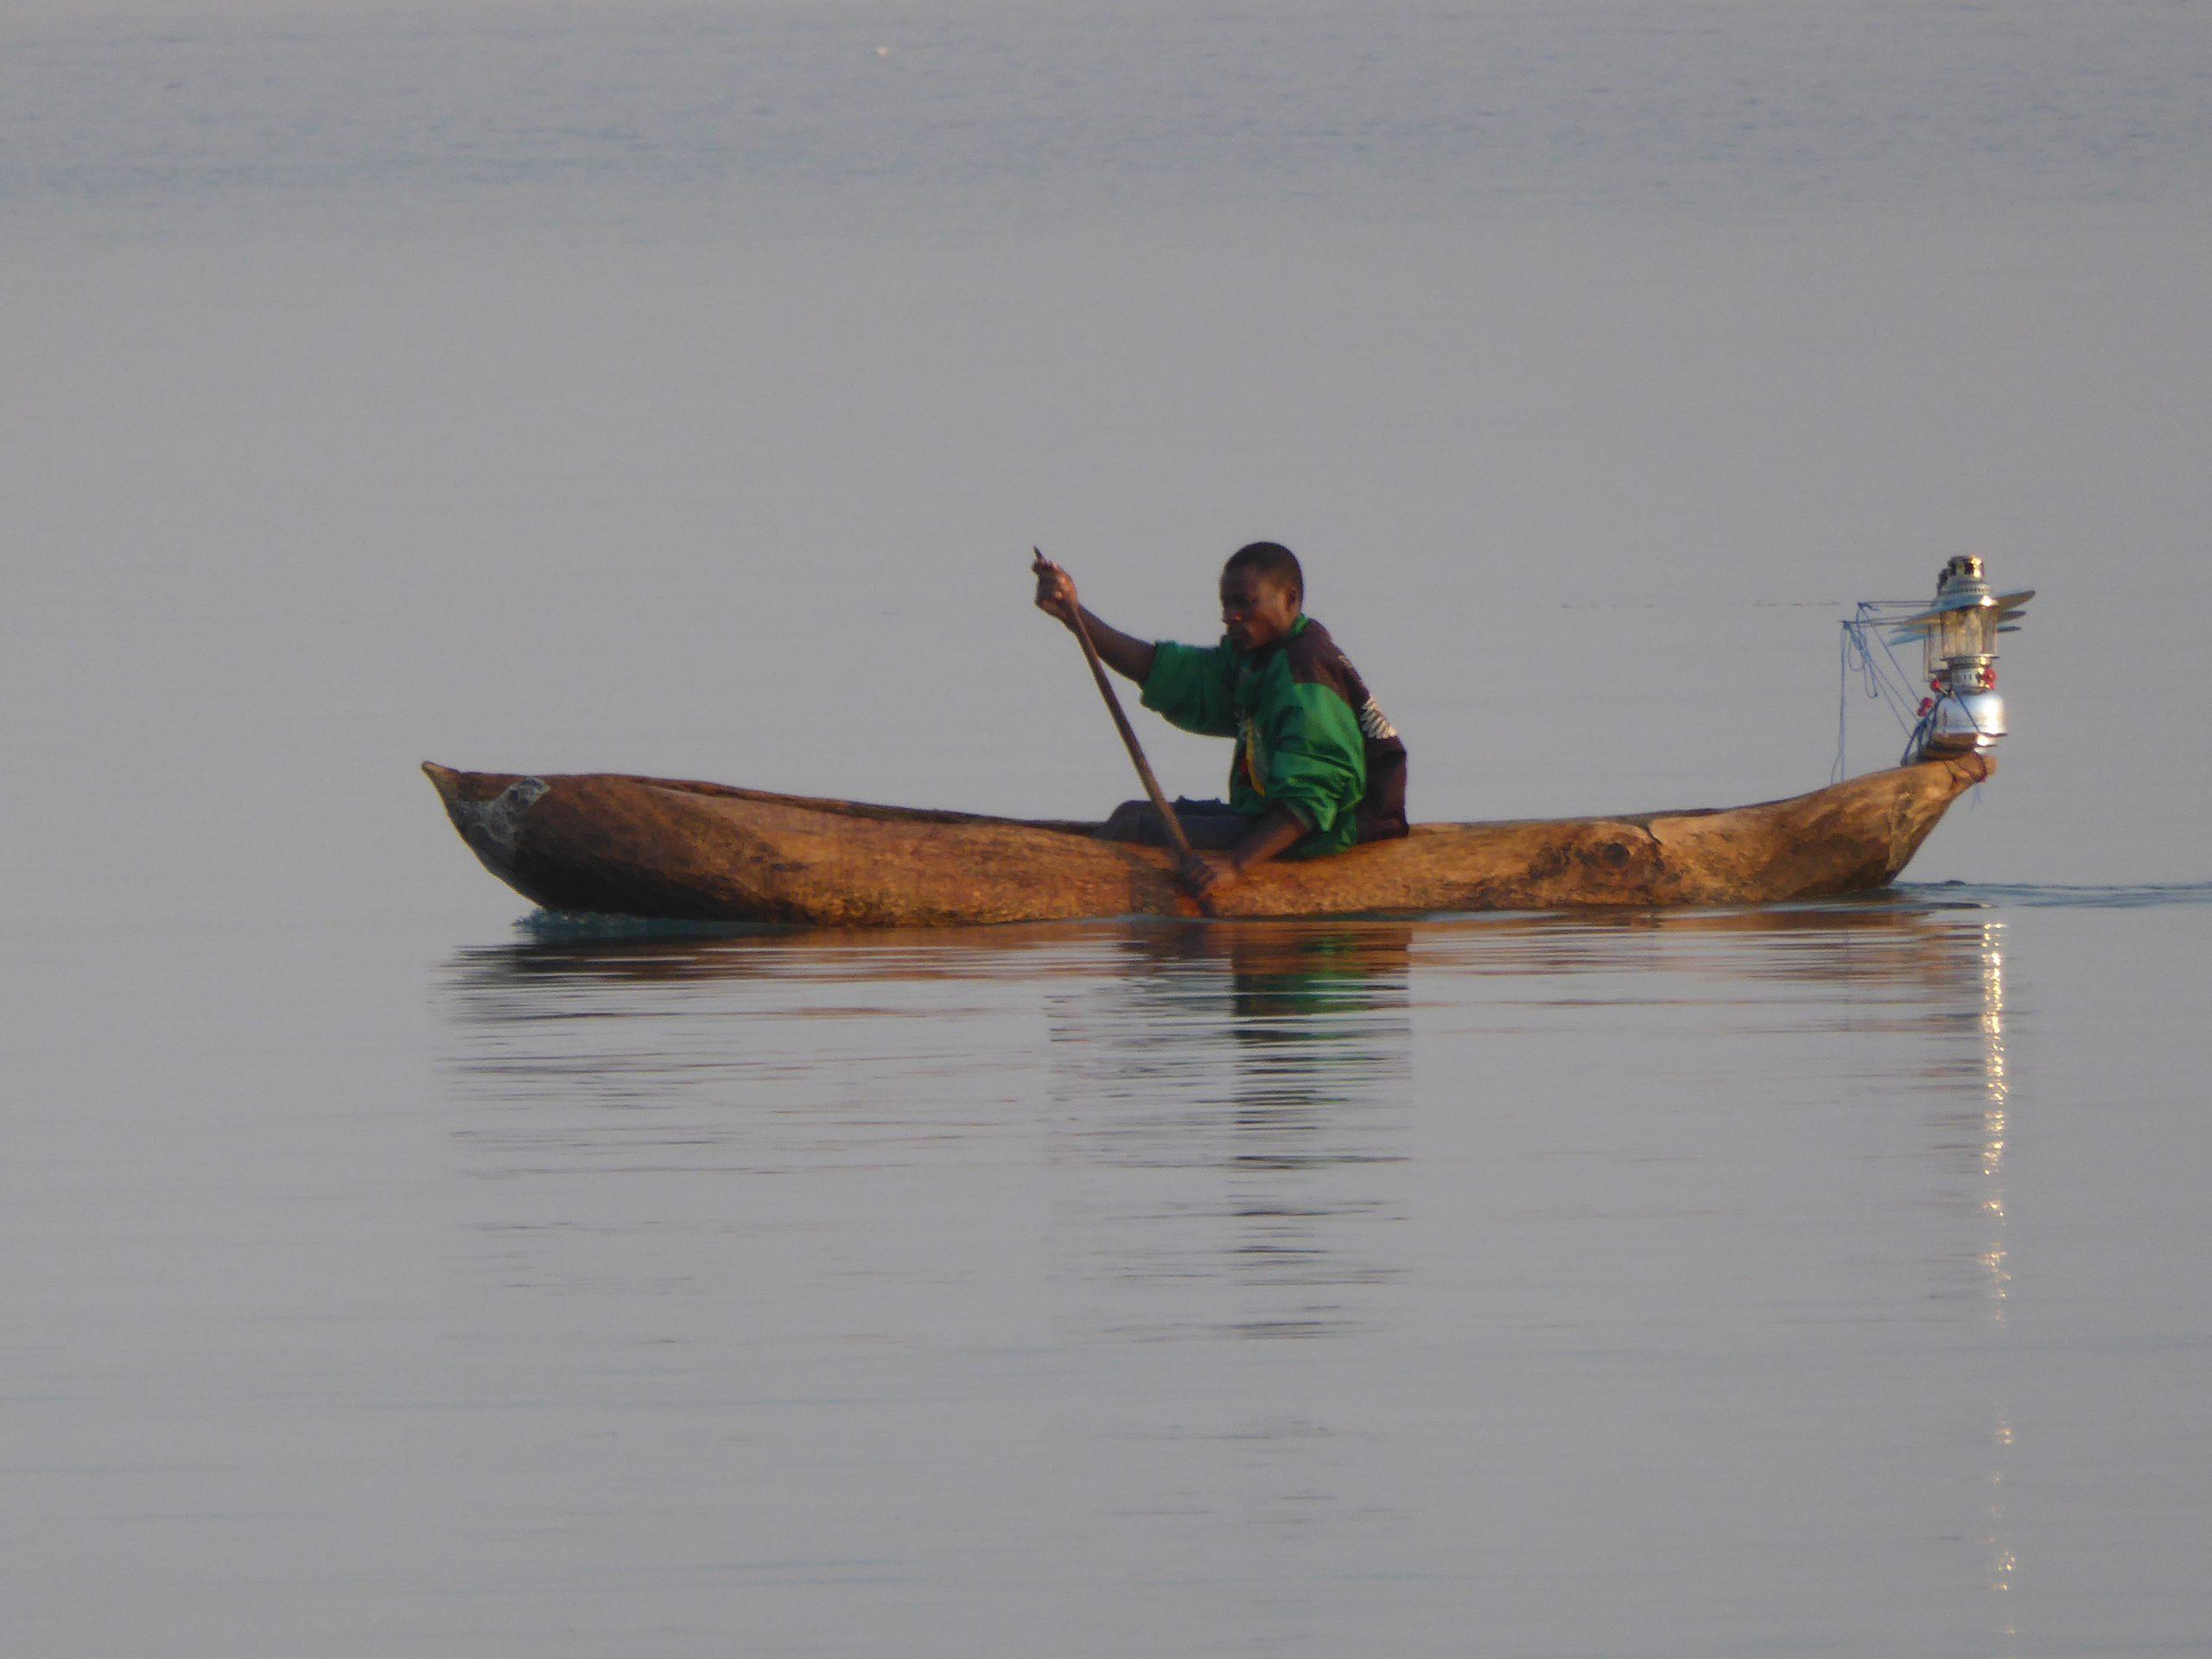 Radreise Afrika 2014 - Fischer am Lake Malawi